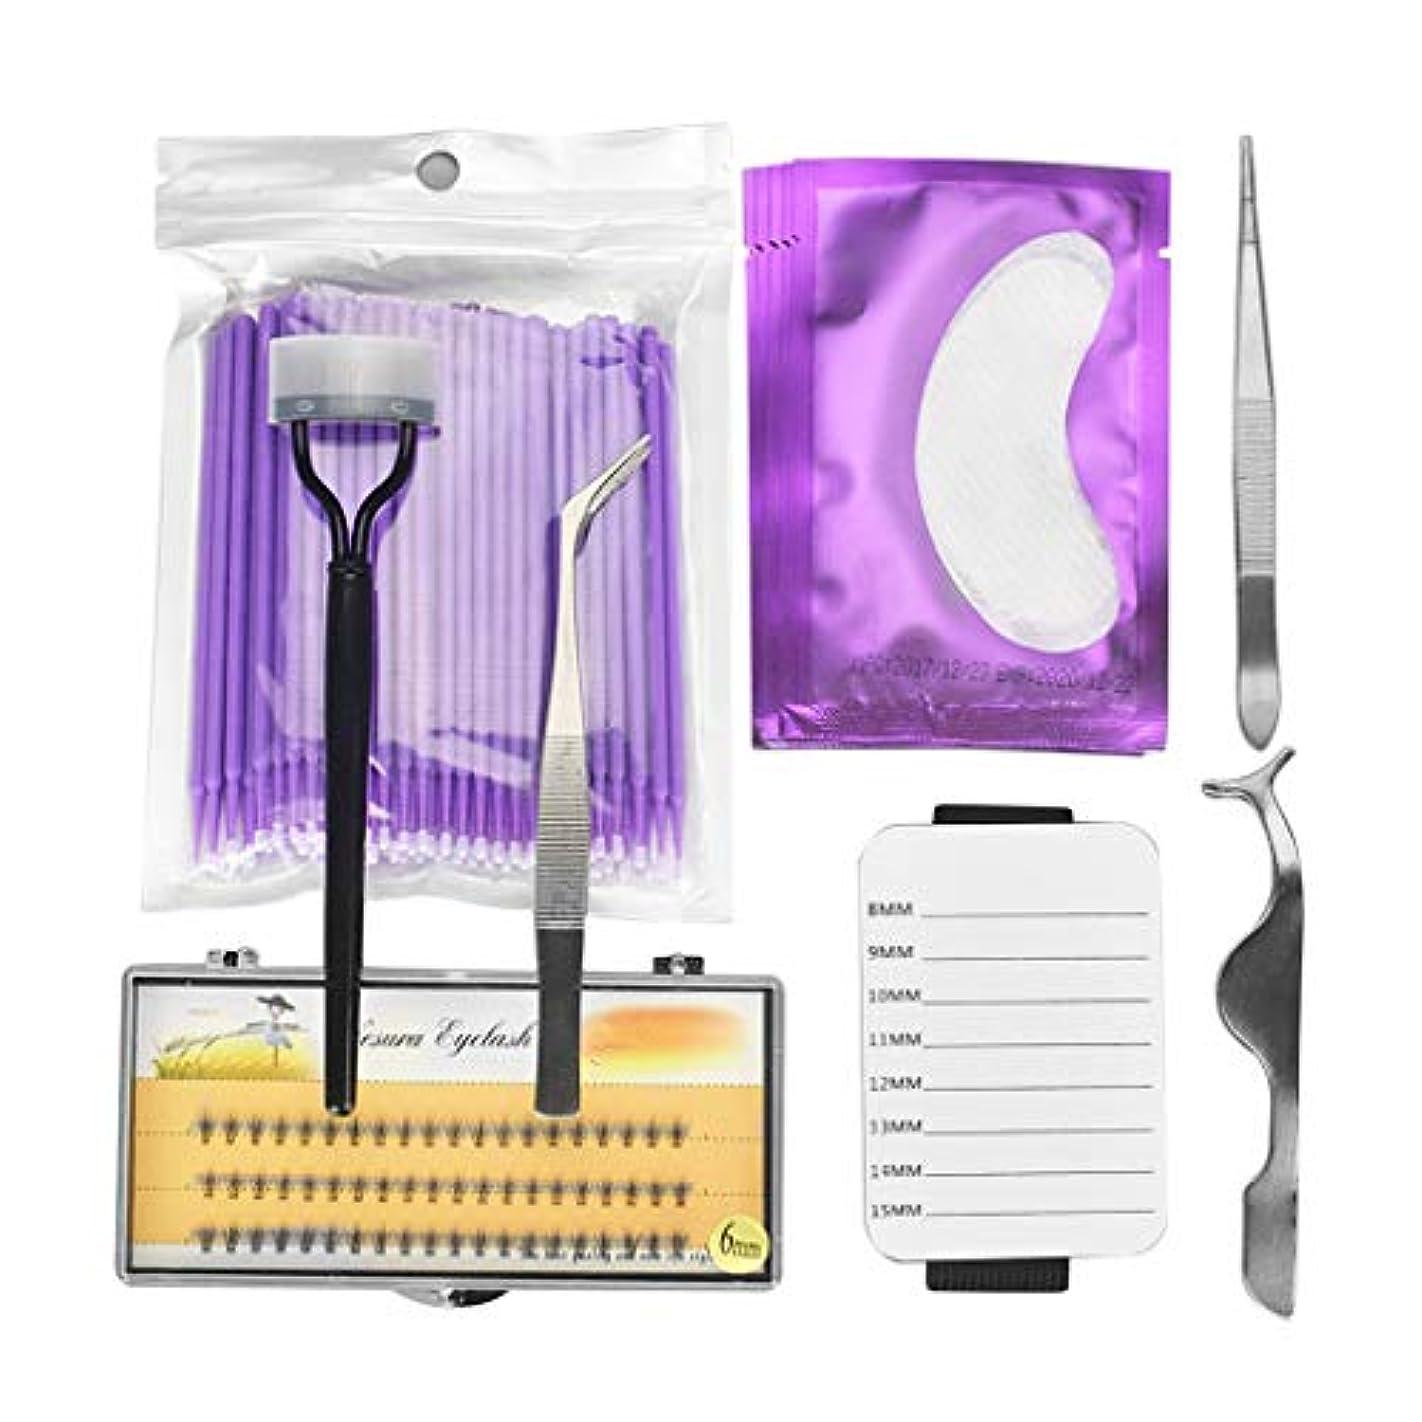 荷物実業家全体全5色 アイメイク ラッシュ延長 つけまつげ 精密ピンセット ツイーザー まつげパレットホルダー - 紫